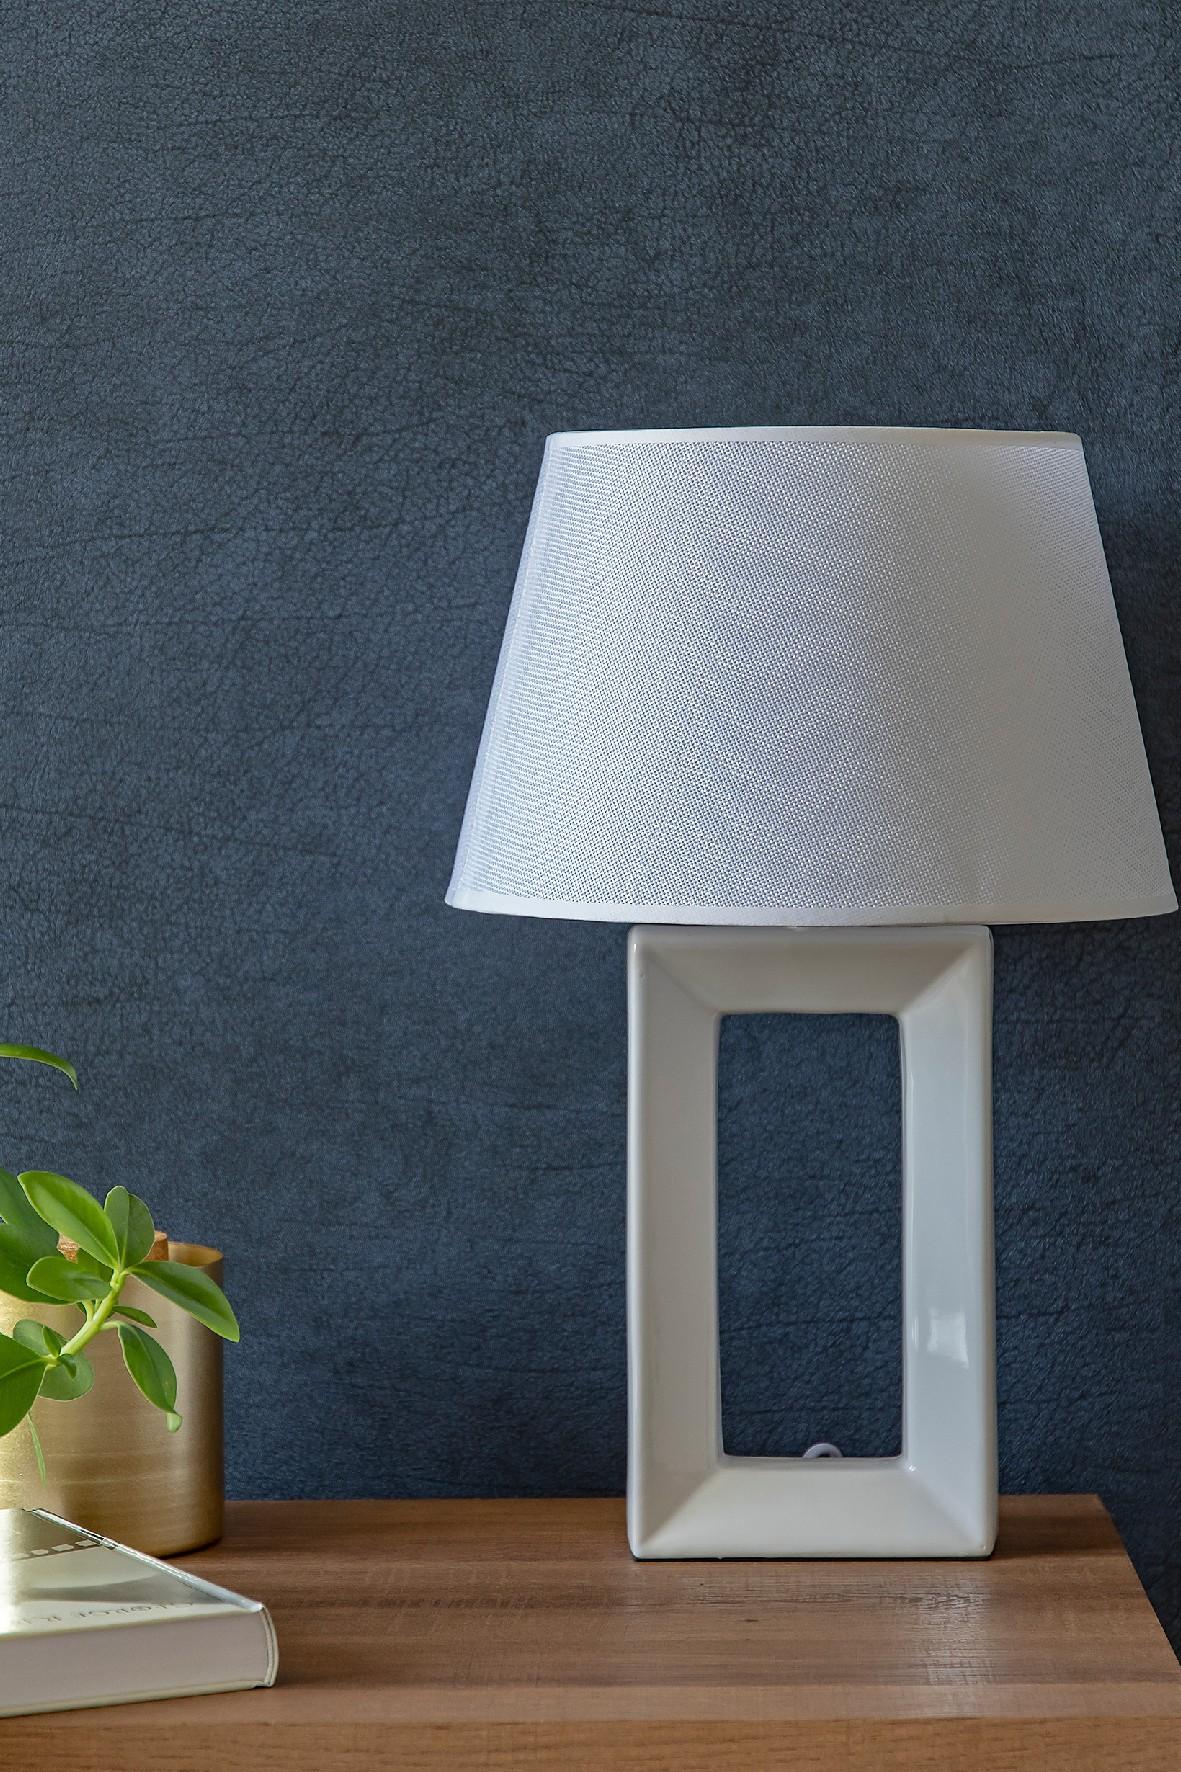 Lampa stołowa z podstawa ceramiczną JANE, wys 44 cm